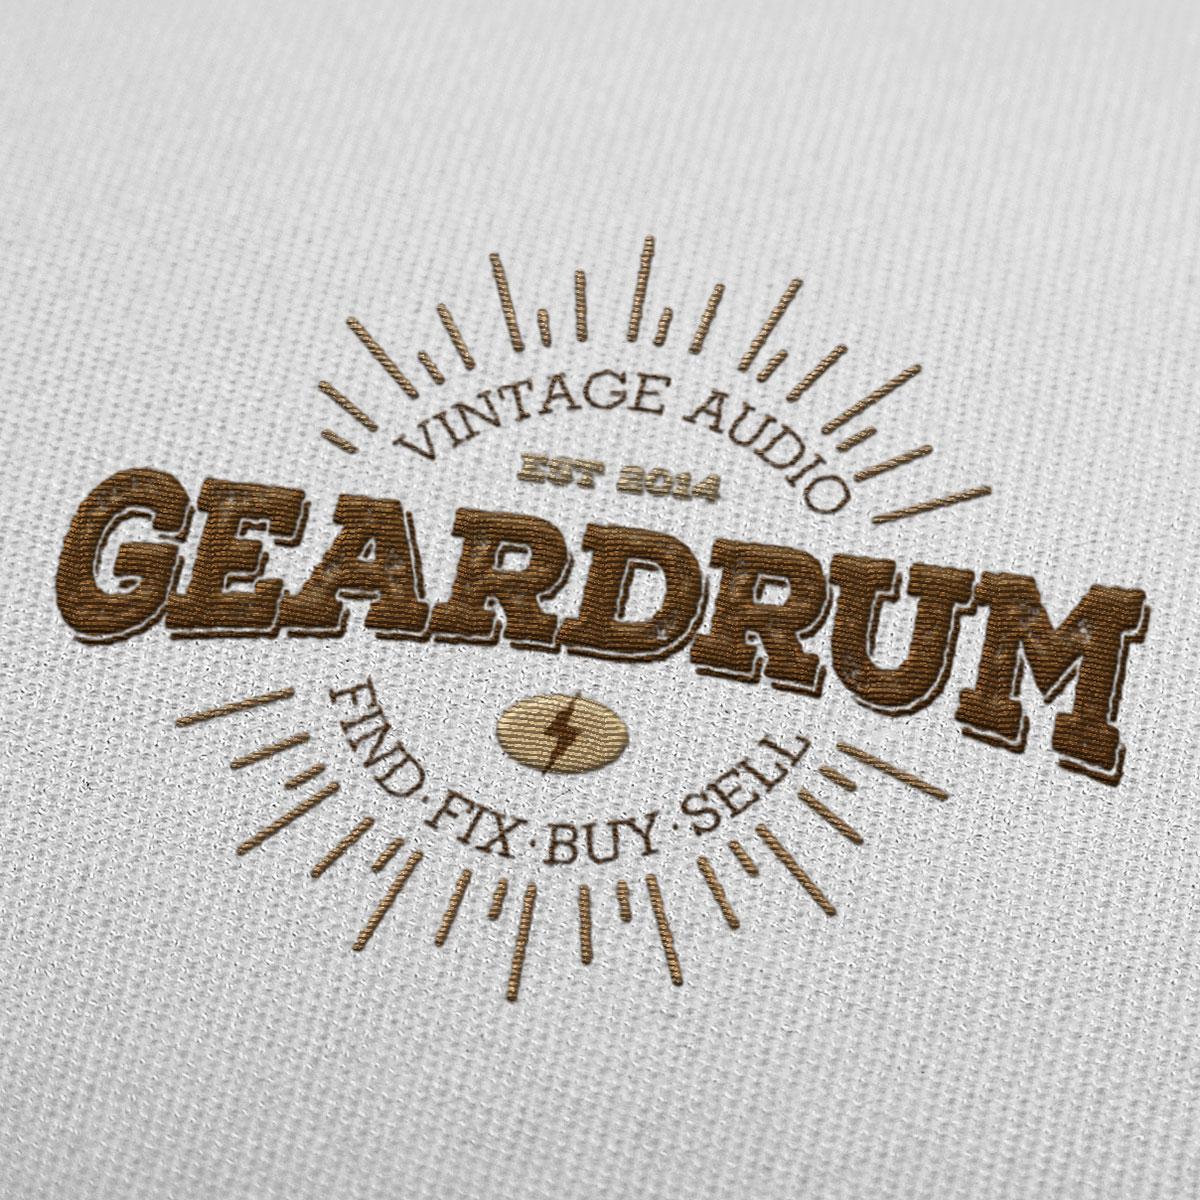 Portfolio Sample | Geardrum Audio Embroidered Logo